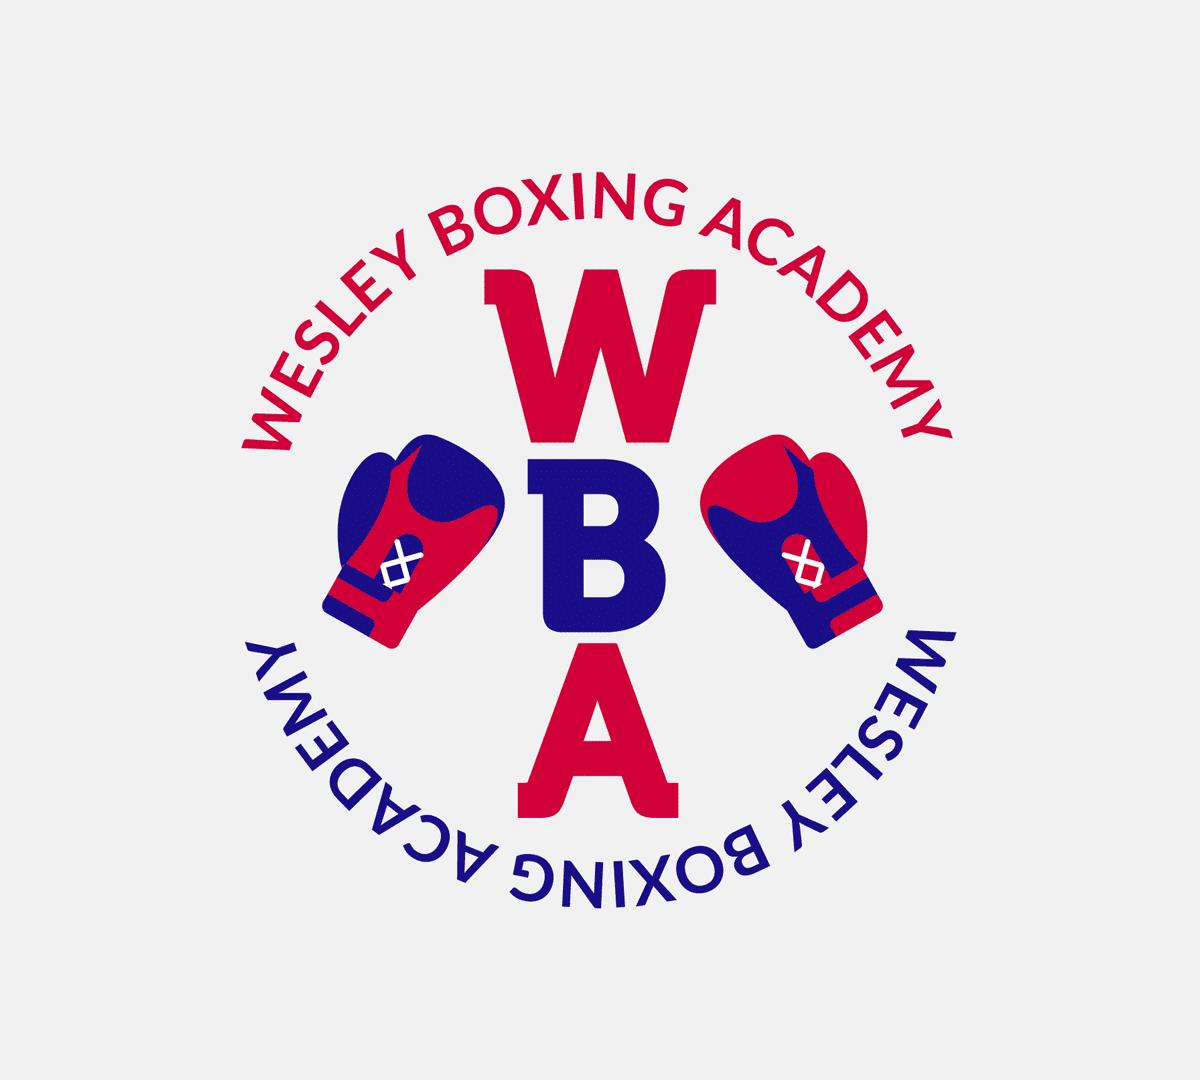 Website Design for Wesley Boxing